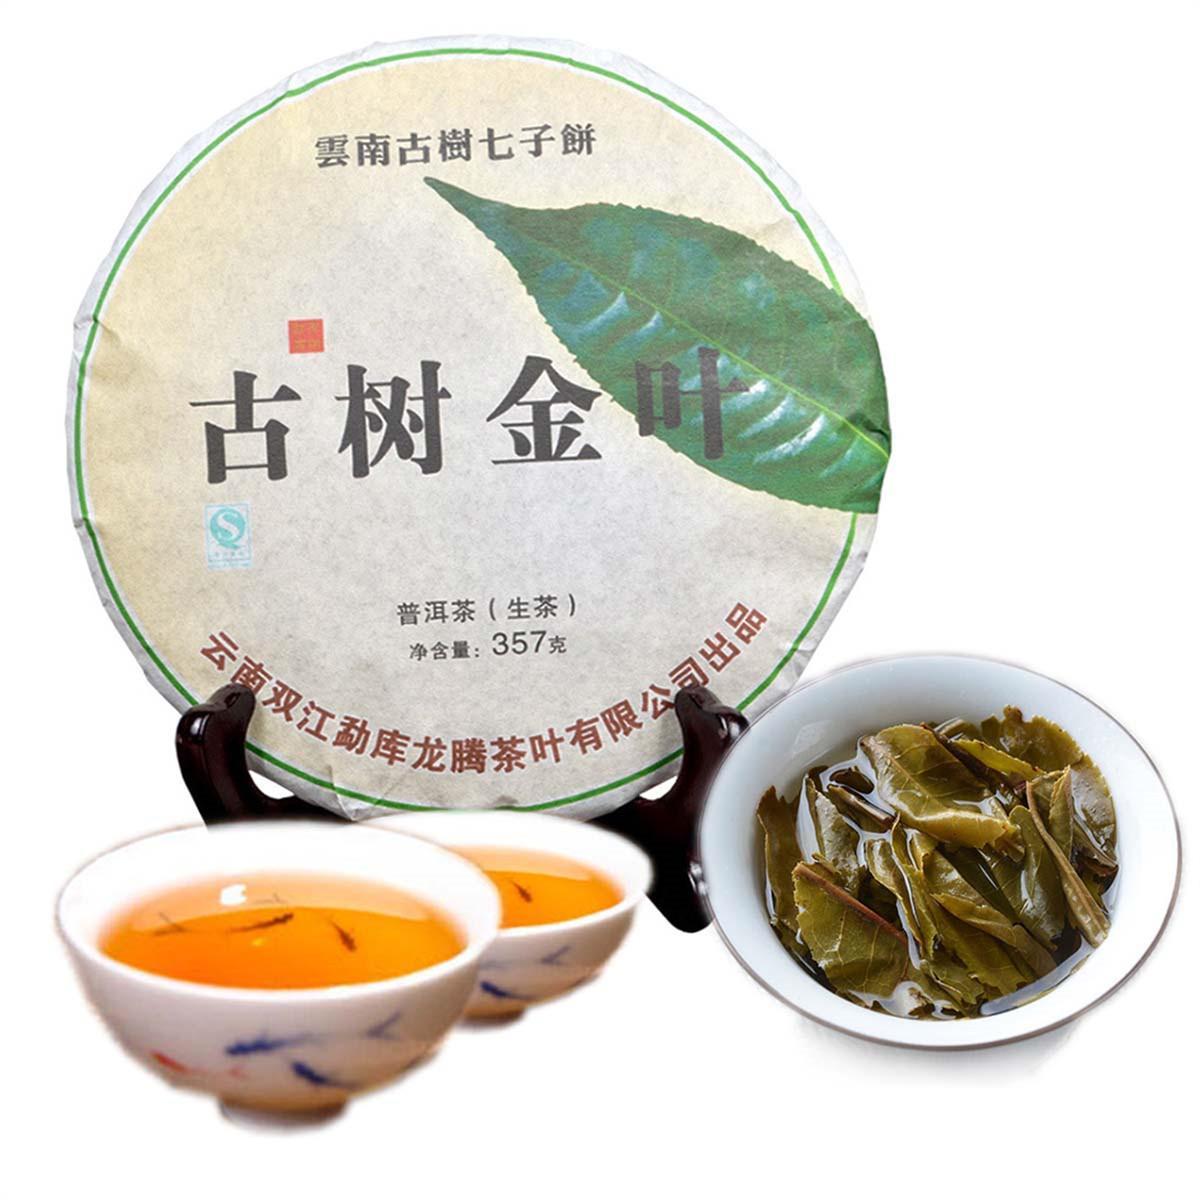 Tercih edilmekte 357g Ham Pu Er Çay Yunnan Antik Ağacı Golden Leaf Pu er Çay Organik Pu'er Yeşil Puer Doğal Puerh Çay Yeşil Gıda